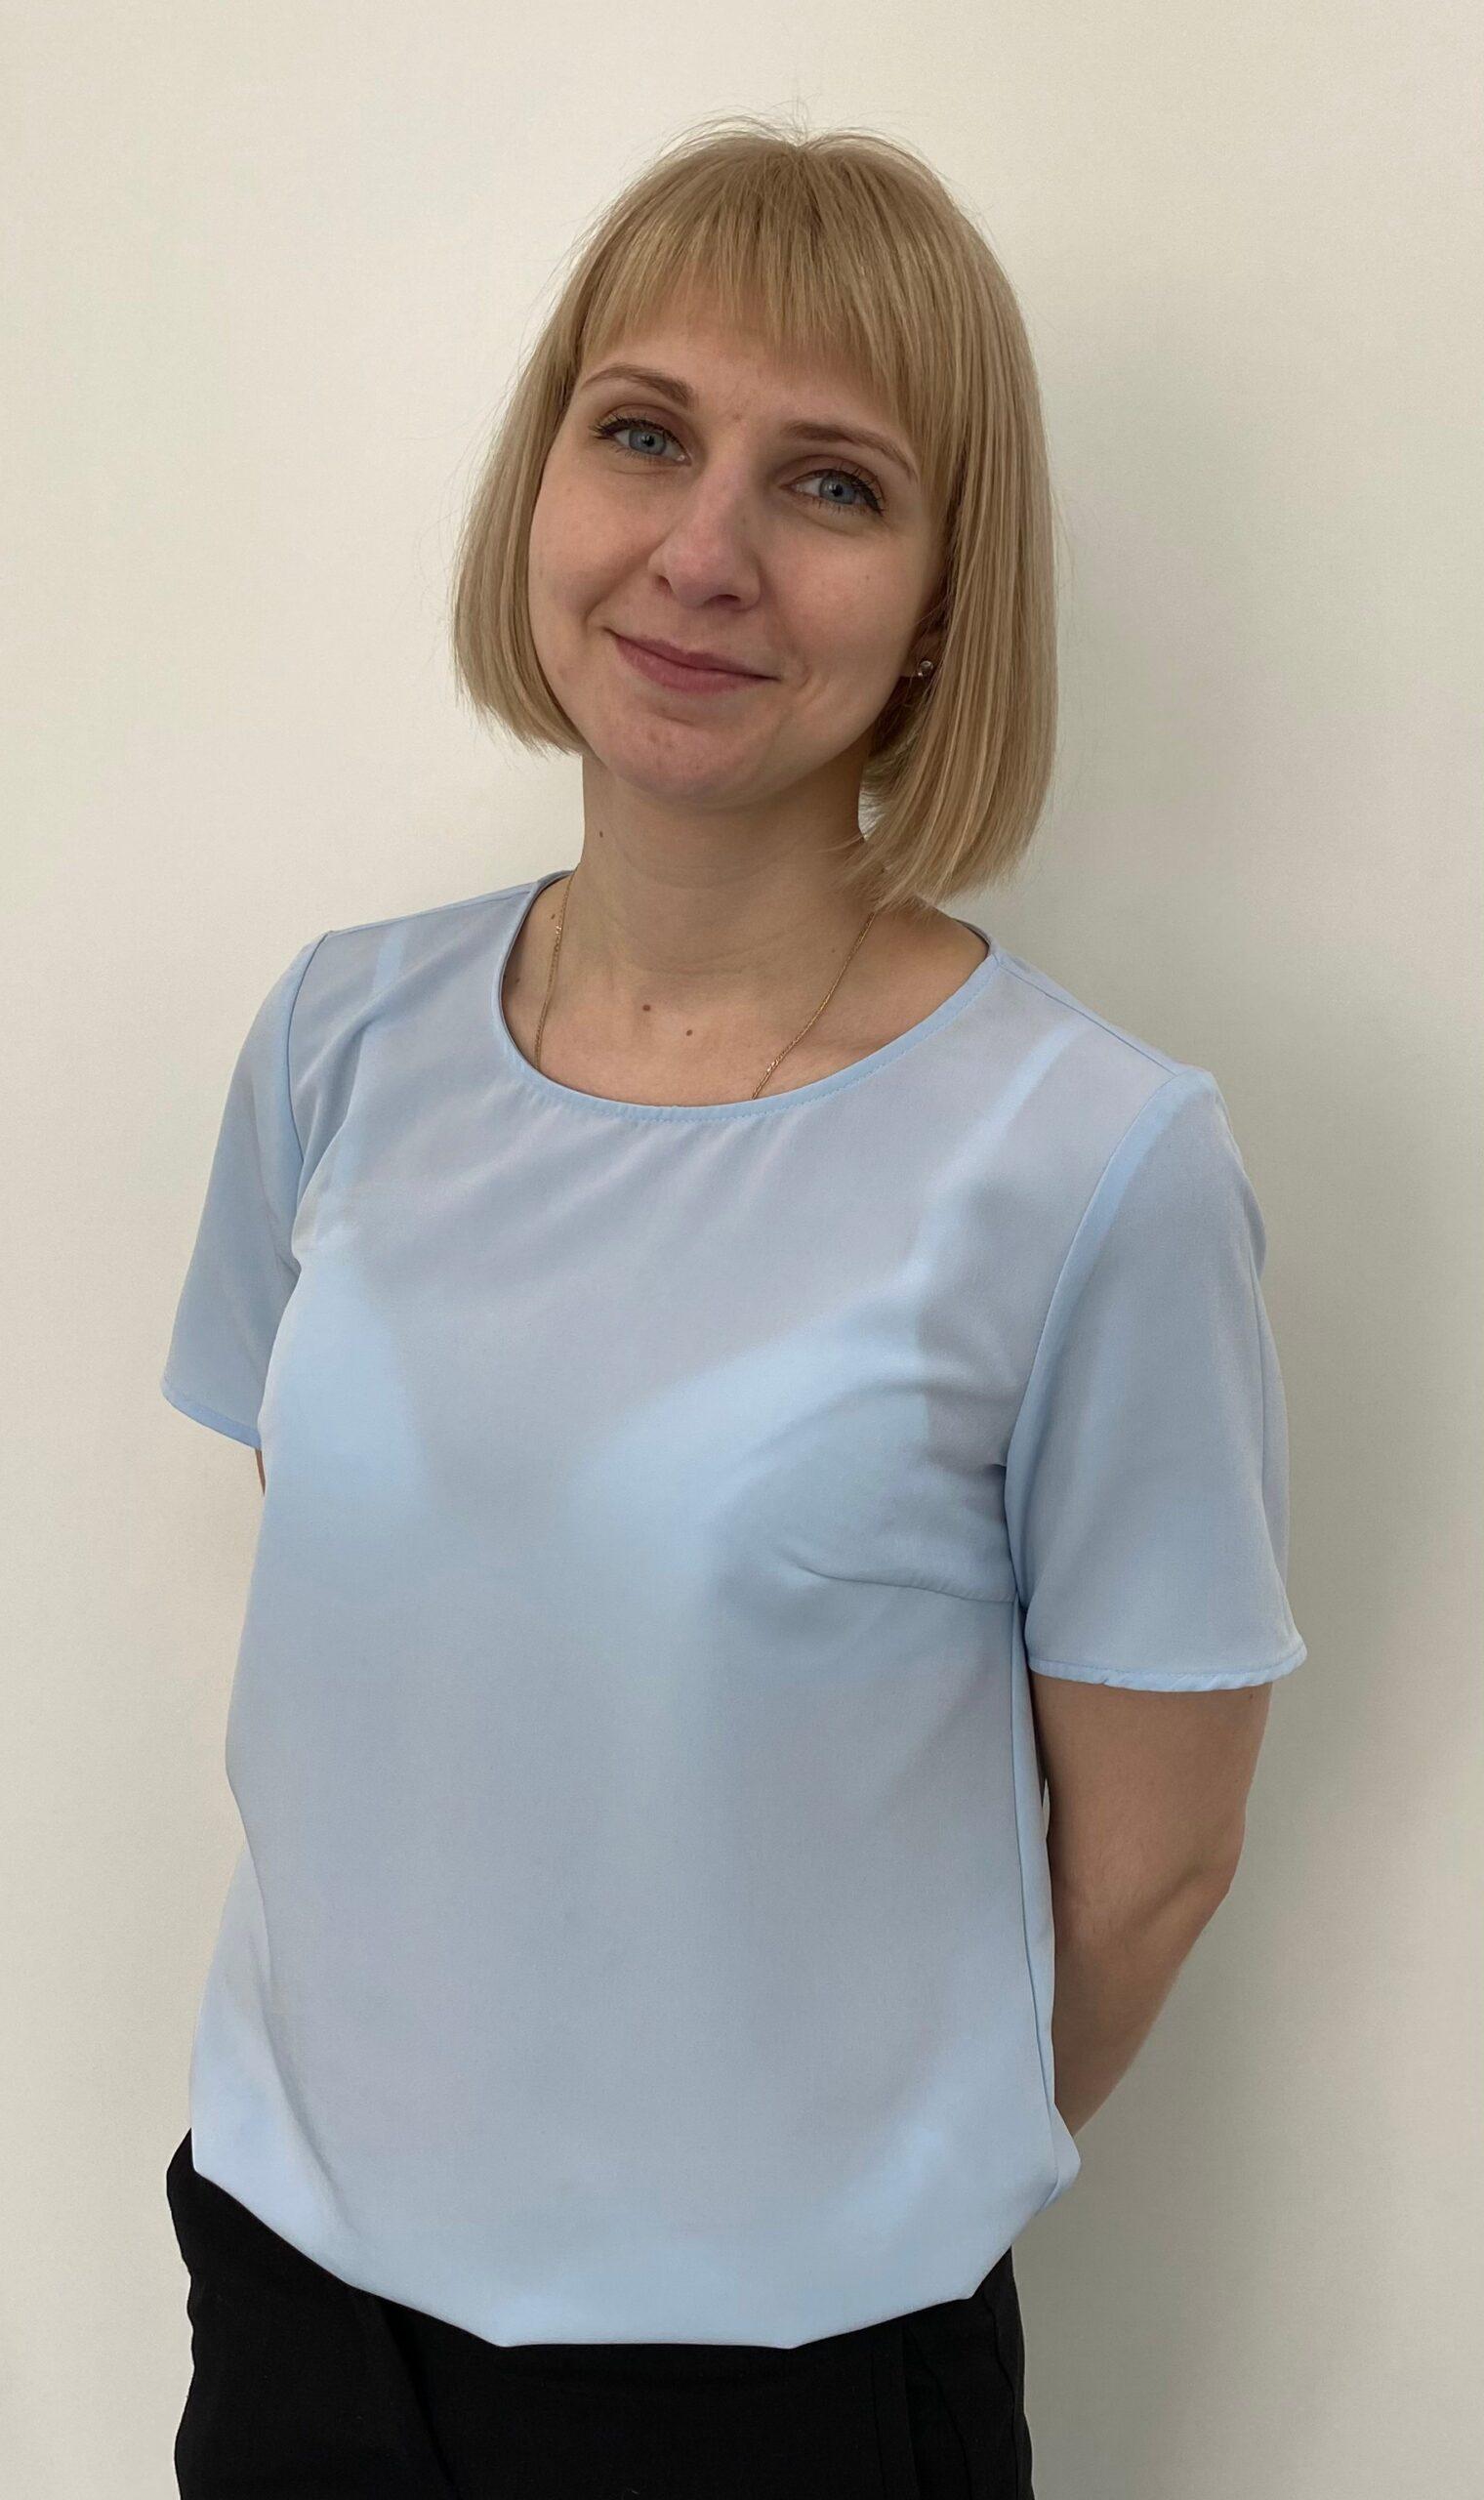 Ульянкина Ксения Алексеевна